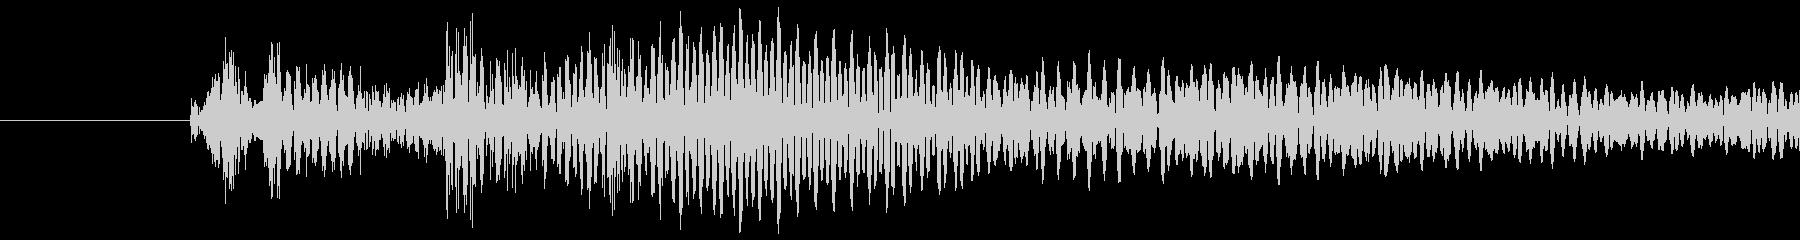 ピュイッ(キャンセル・決定音)の未再生の波形